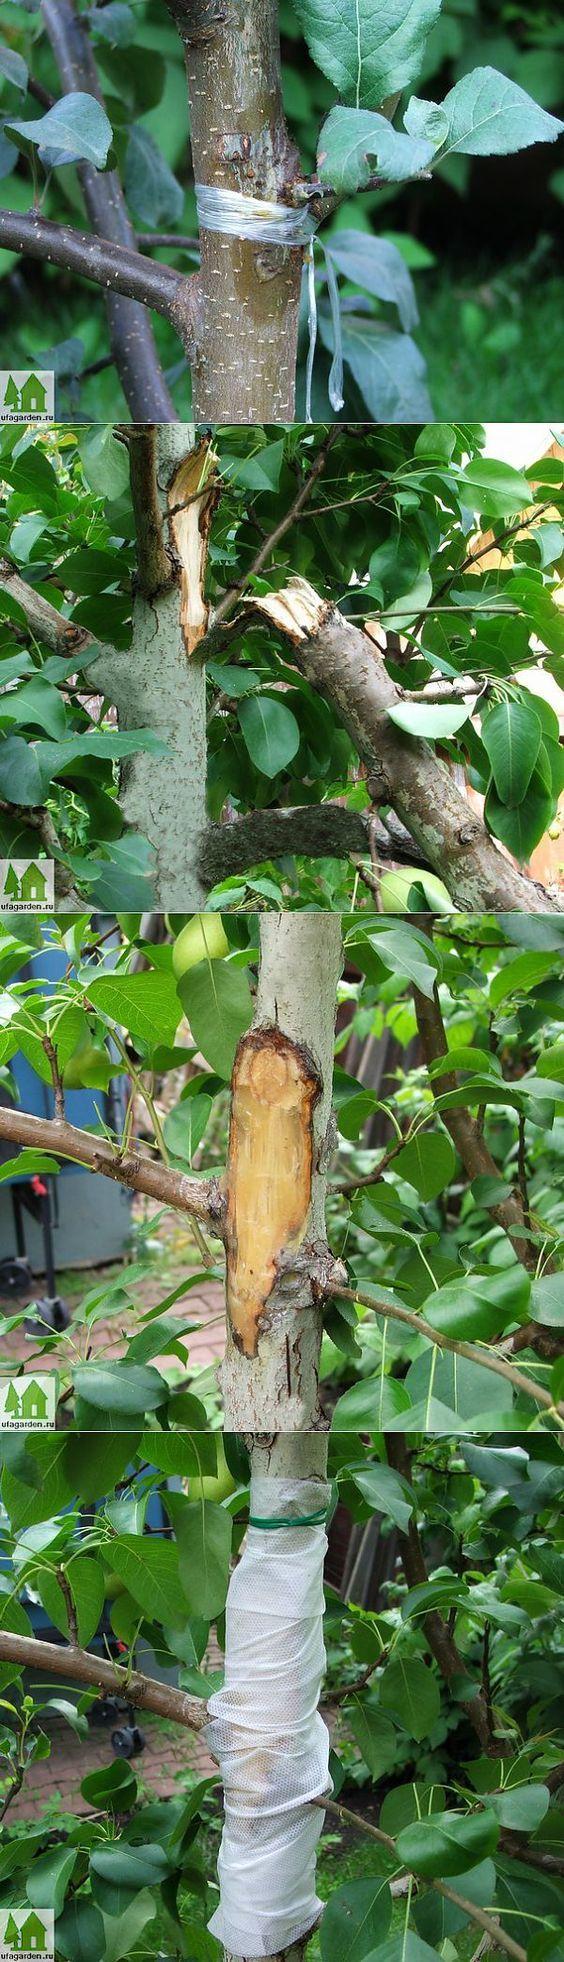 Лечение плодового дерева   Дачная жизнь - сад, огород, дача   сад-огород   Постила: